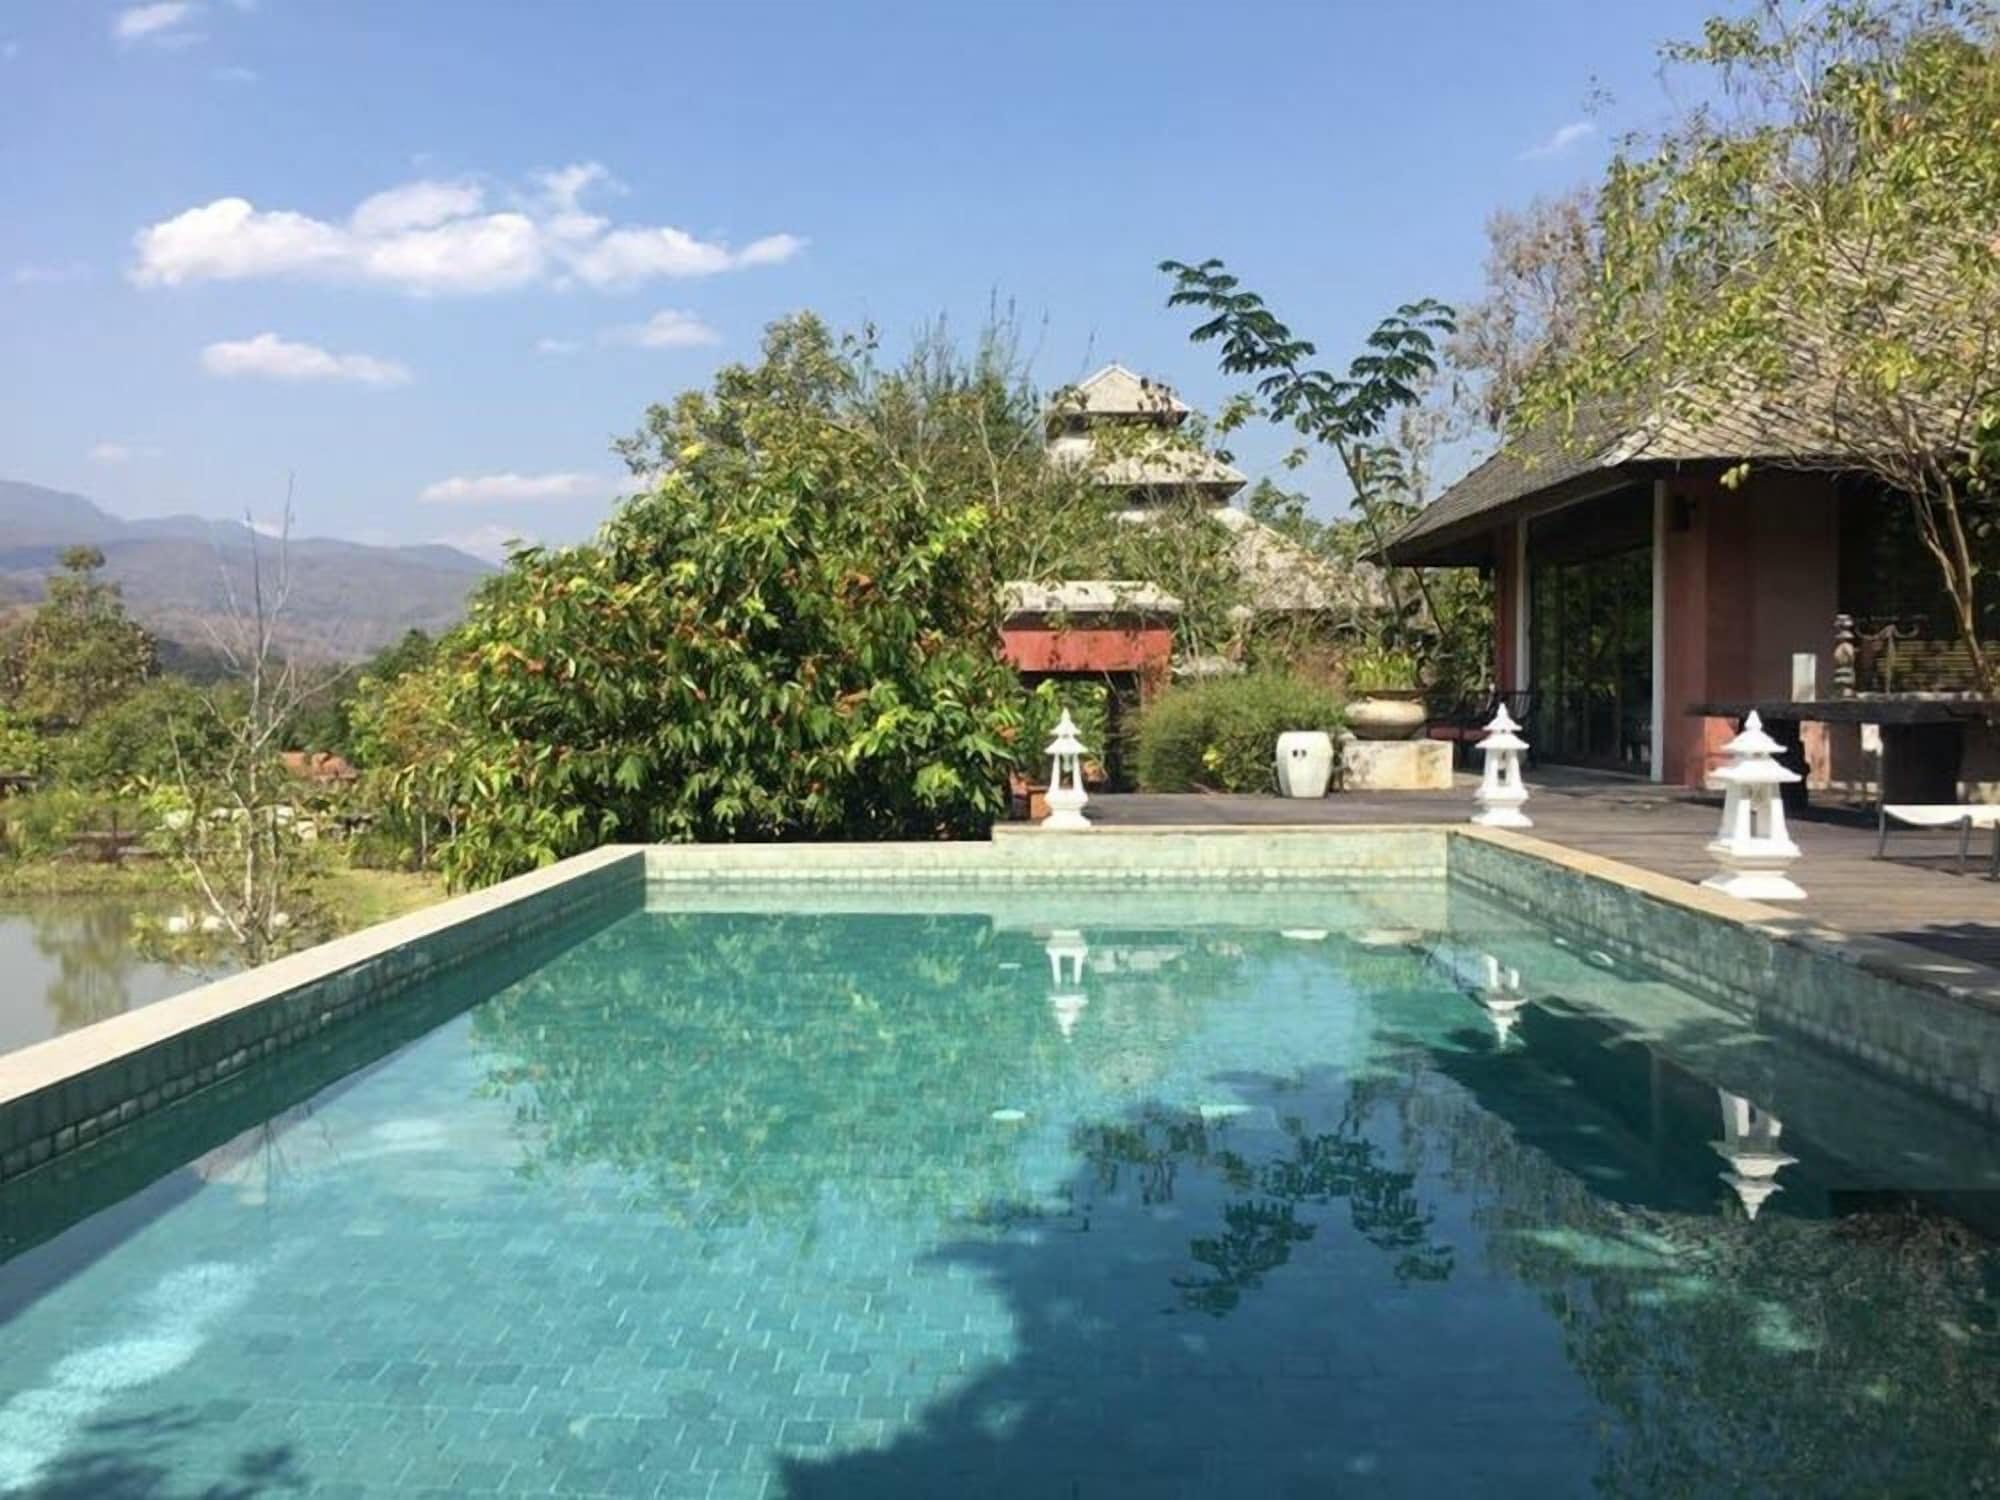 Anna Farm - Private Pool Villa, Mae Rim